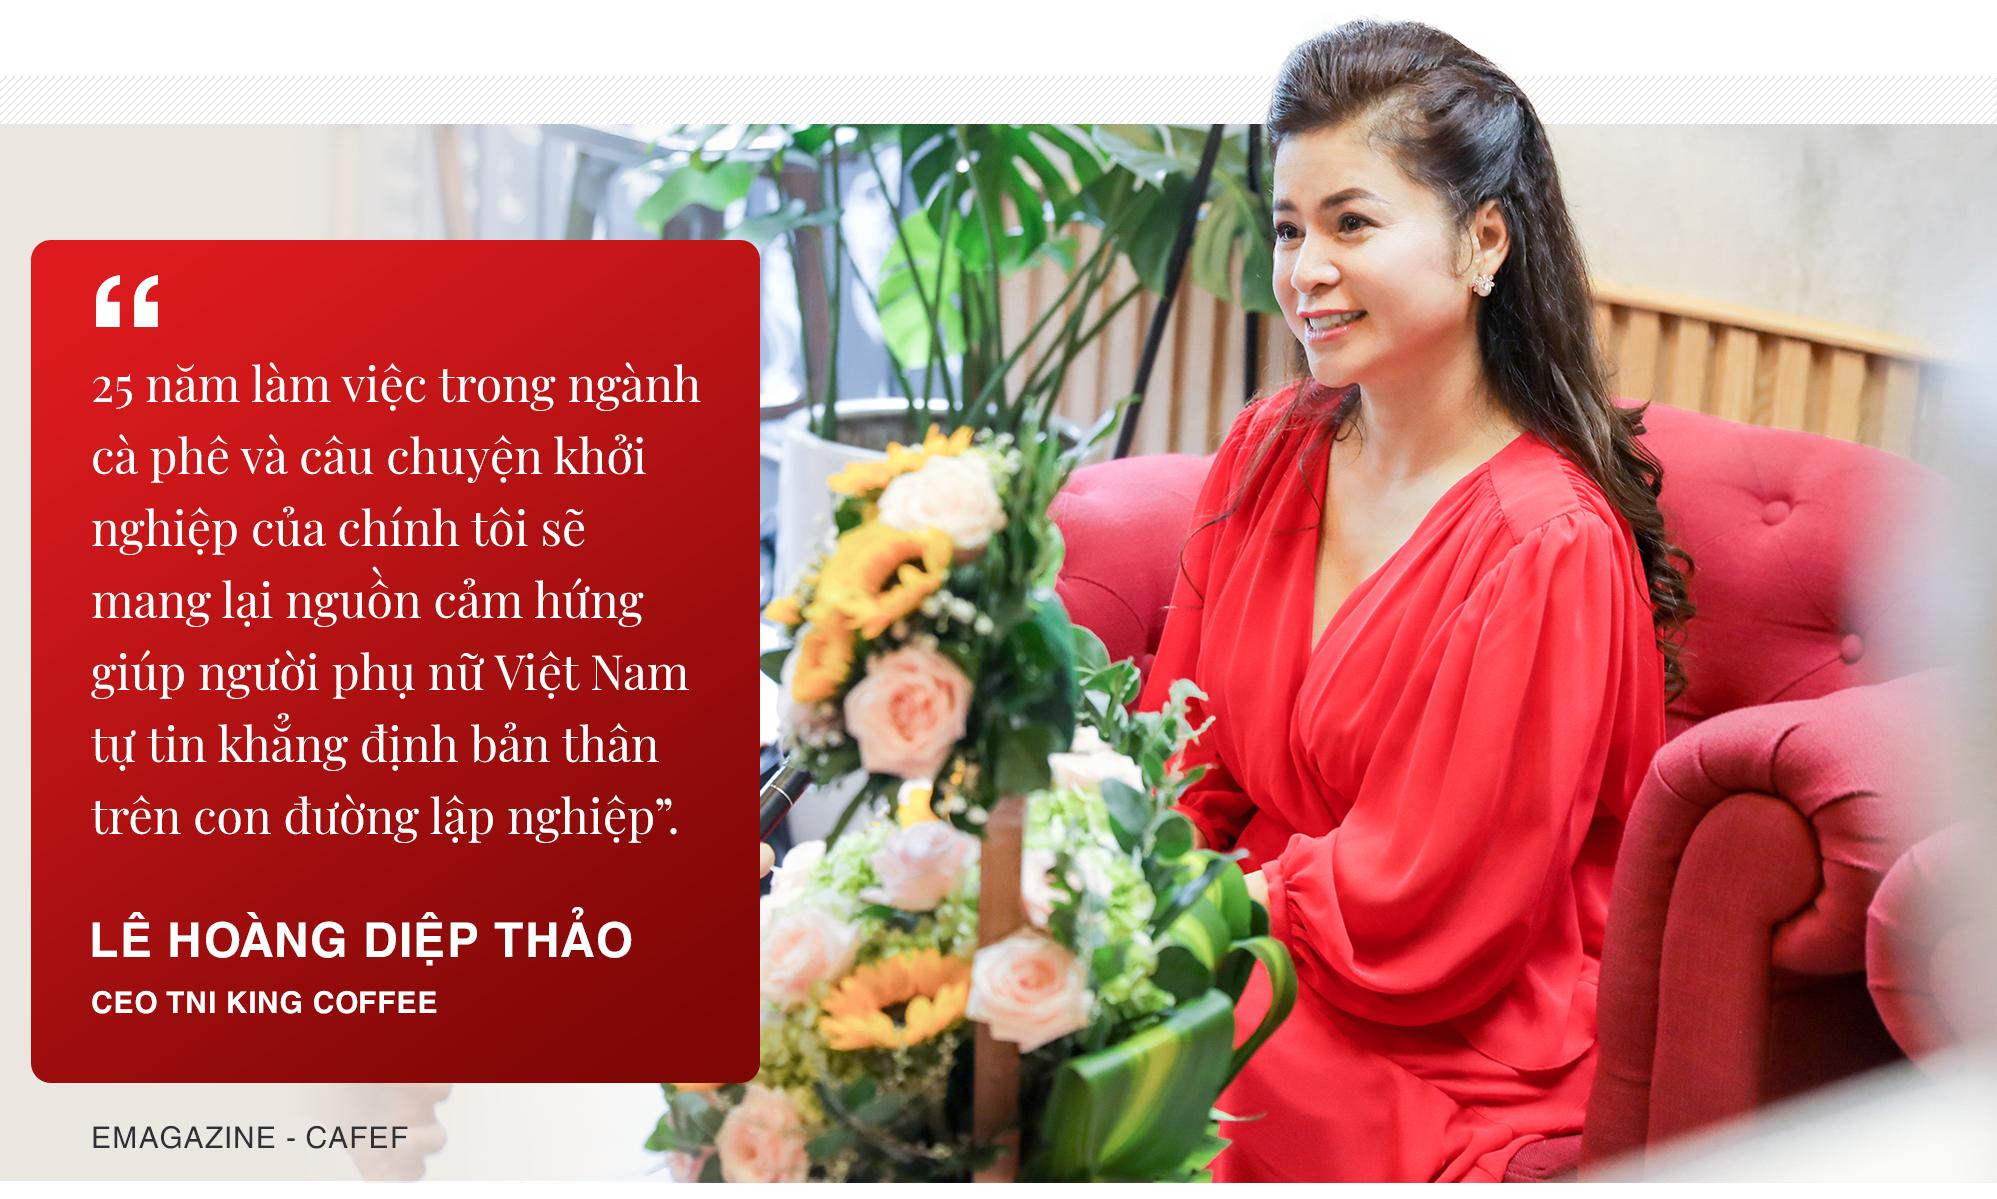 Nữ doanh nhân Lê Hoàng Diệp Thảo: Tạo nguồn cảm hứng cho phụ nữ trên con đường lập nghiệp - Ảnh 8.